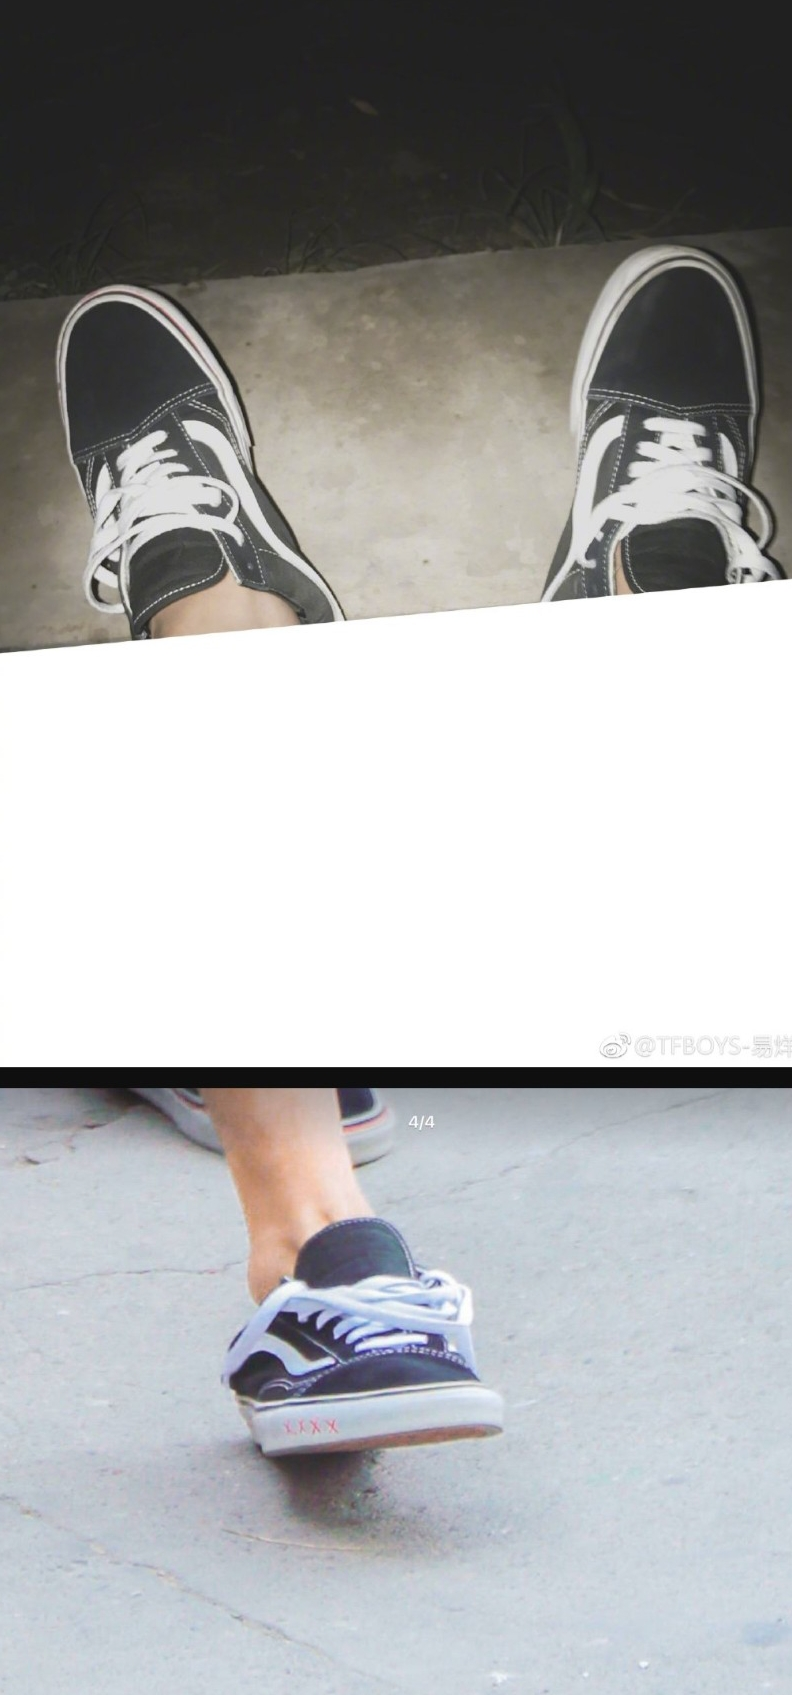 易烊千玺的百变鞋带 鞋带随人一样好看